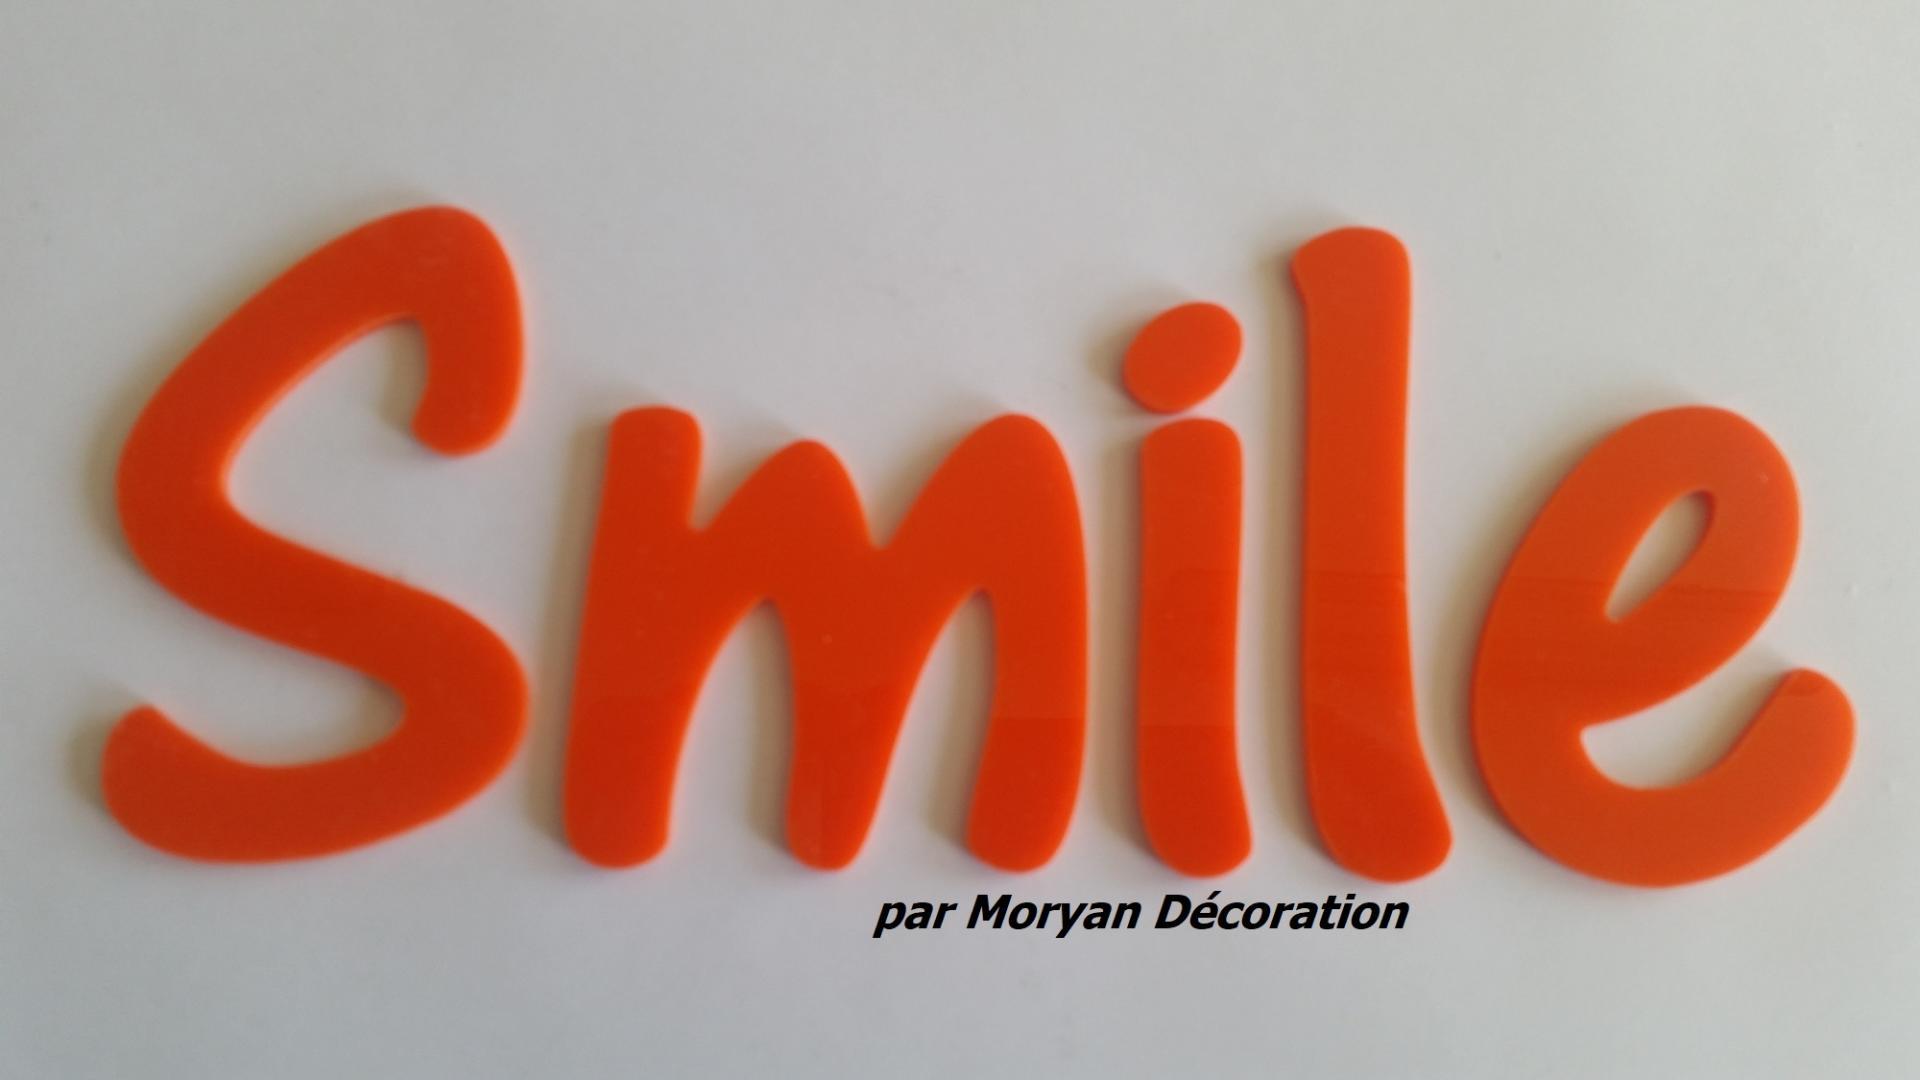 Lettre deco smile 1